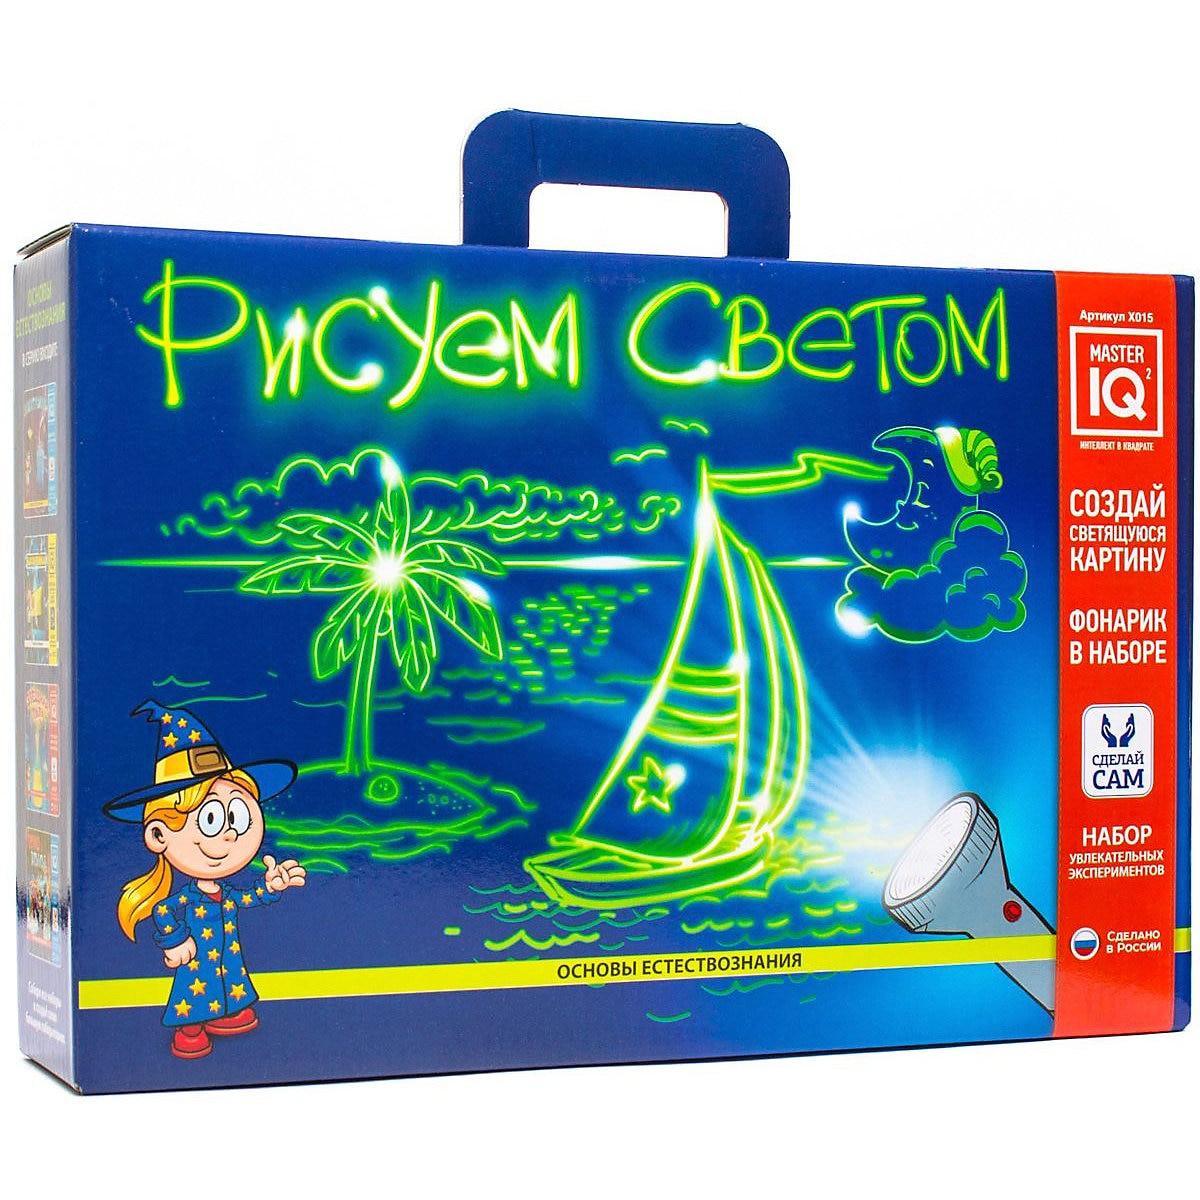 Maestro IQ2 juguetes de dibujo 100001733 para la creatividad Educación y Entrenamiento juguete niños aprendizaje MTpromo